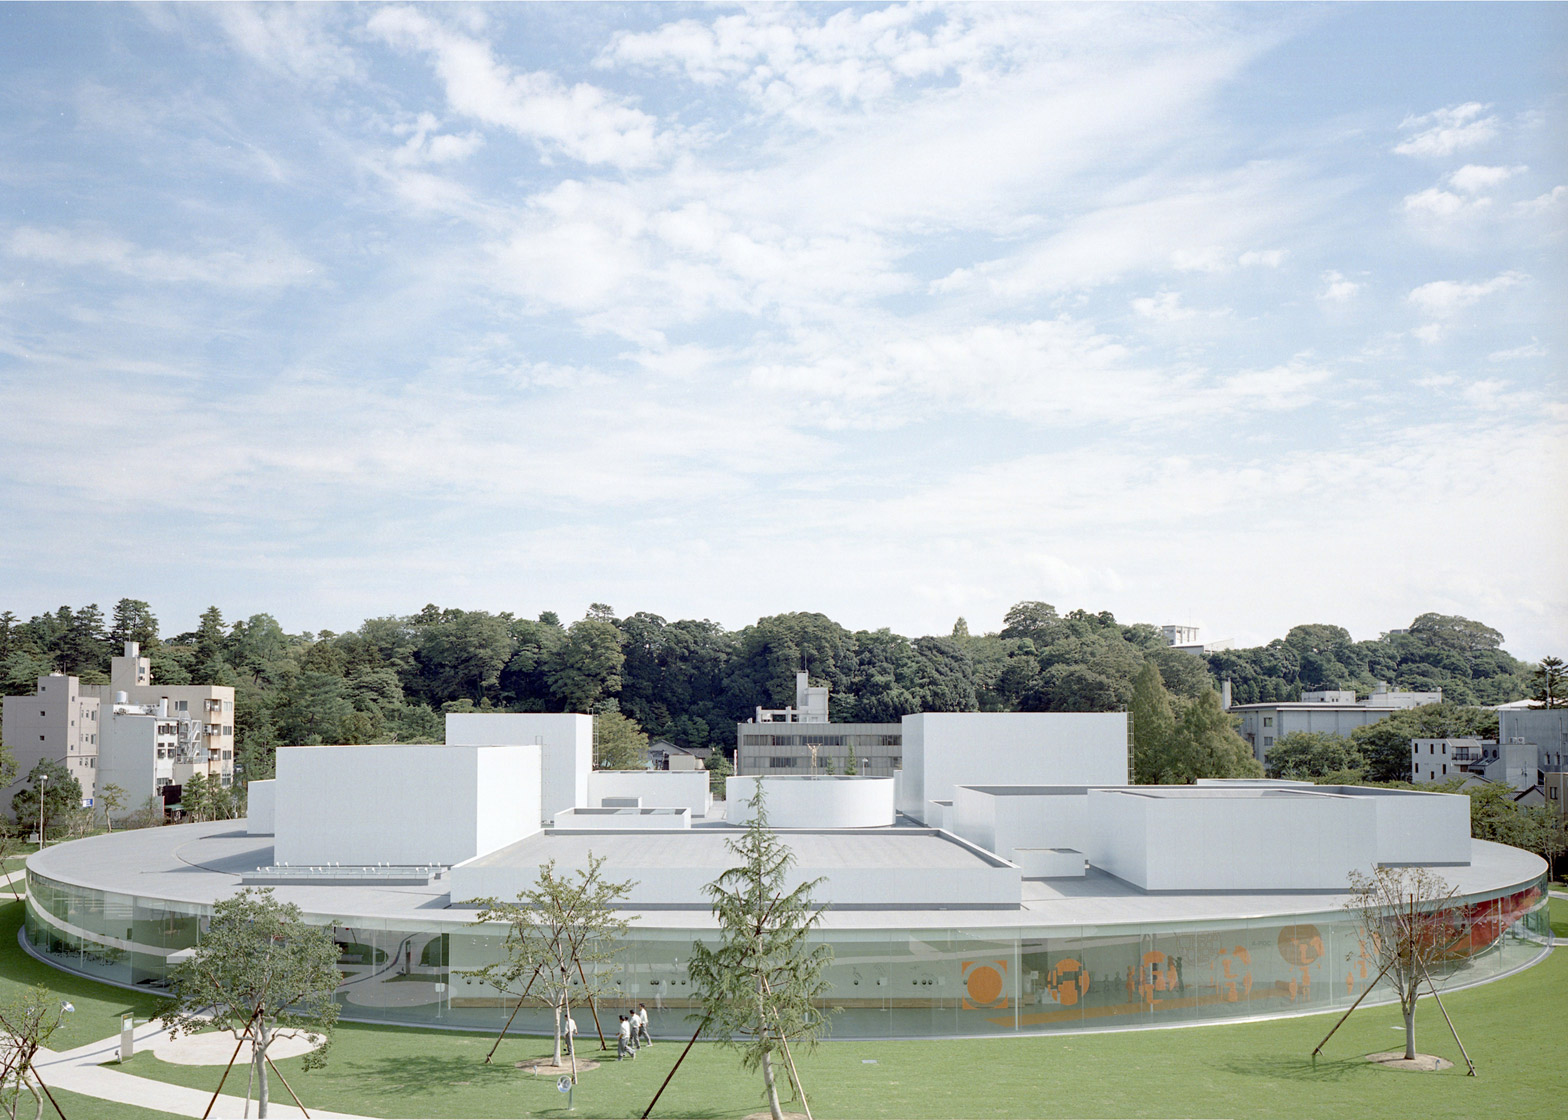 21st Century Museum of Contemporary Art, Kanazawa, Japan by SANAA, 1999–2004